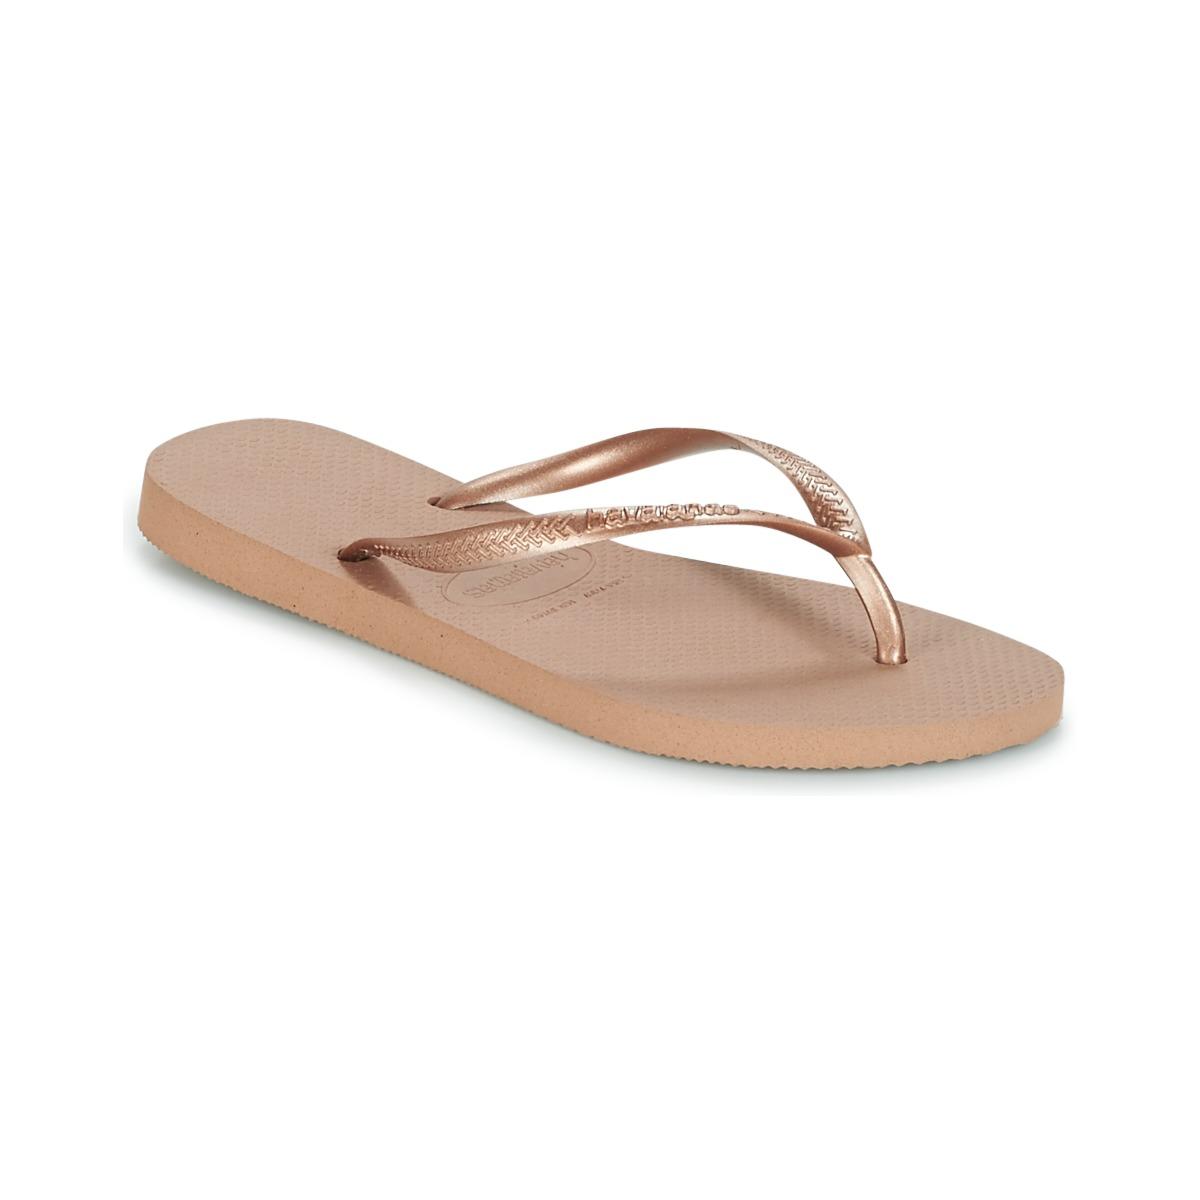 Havaianas SLIM Rose / Gold - Kostenloser Versand bei Spartoode ! - Schuhe Zehensandalen Damen 20,79 €